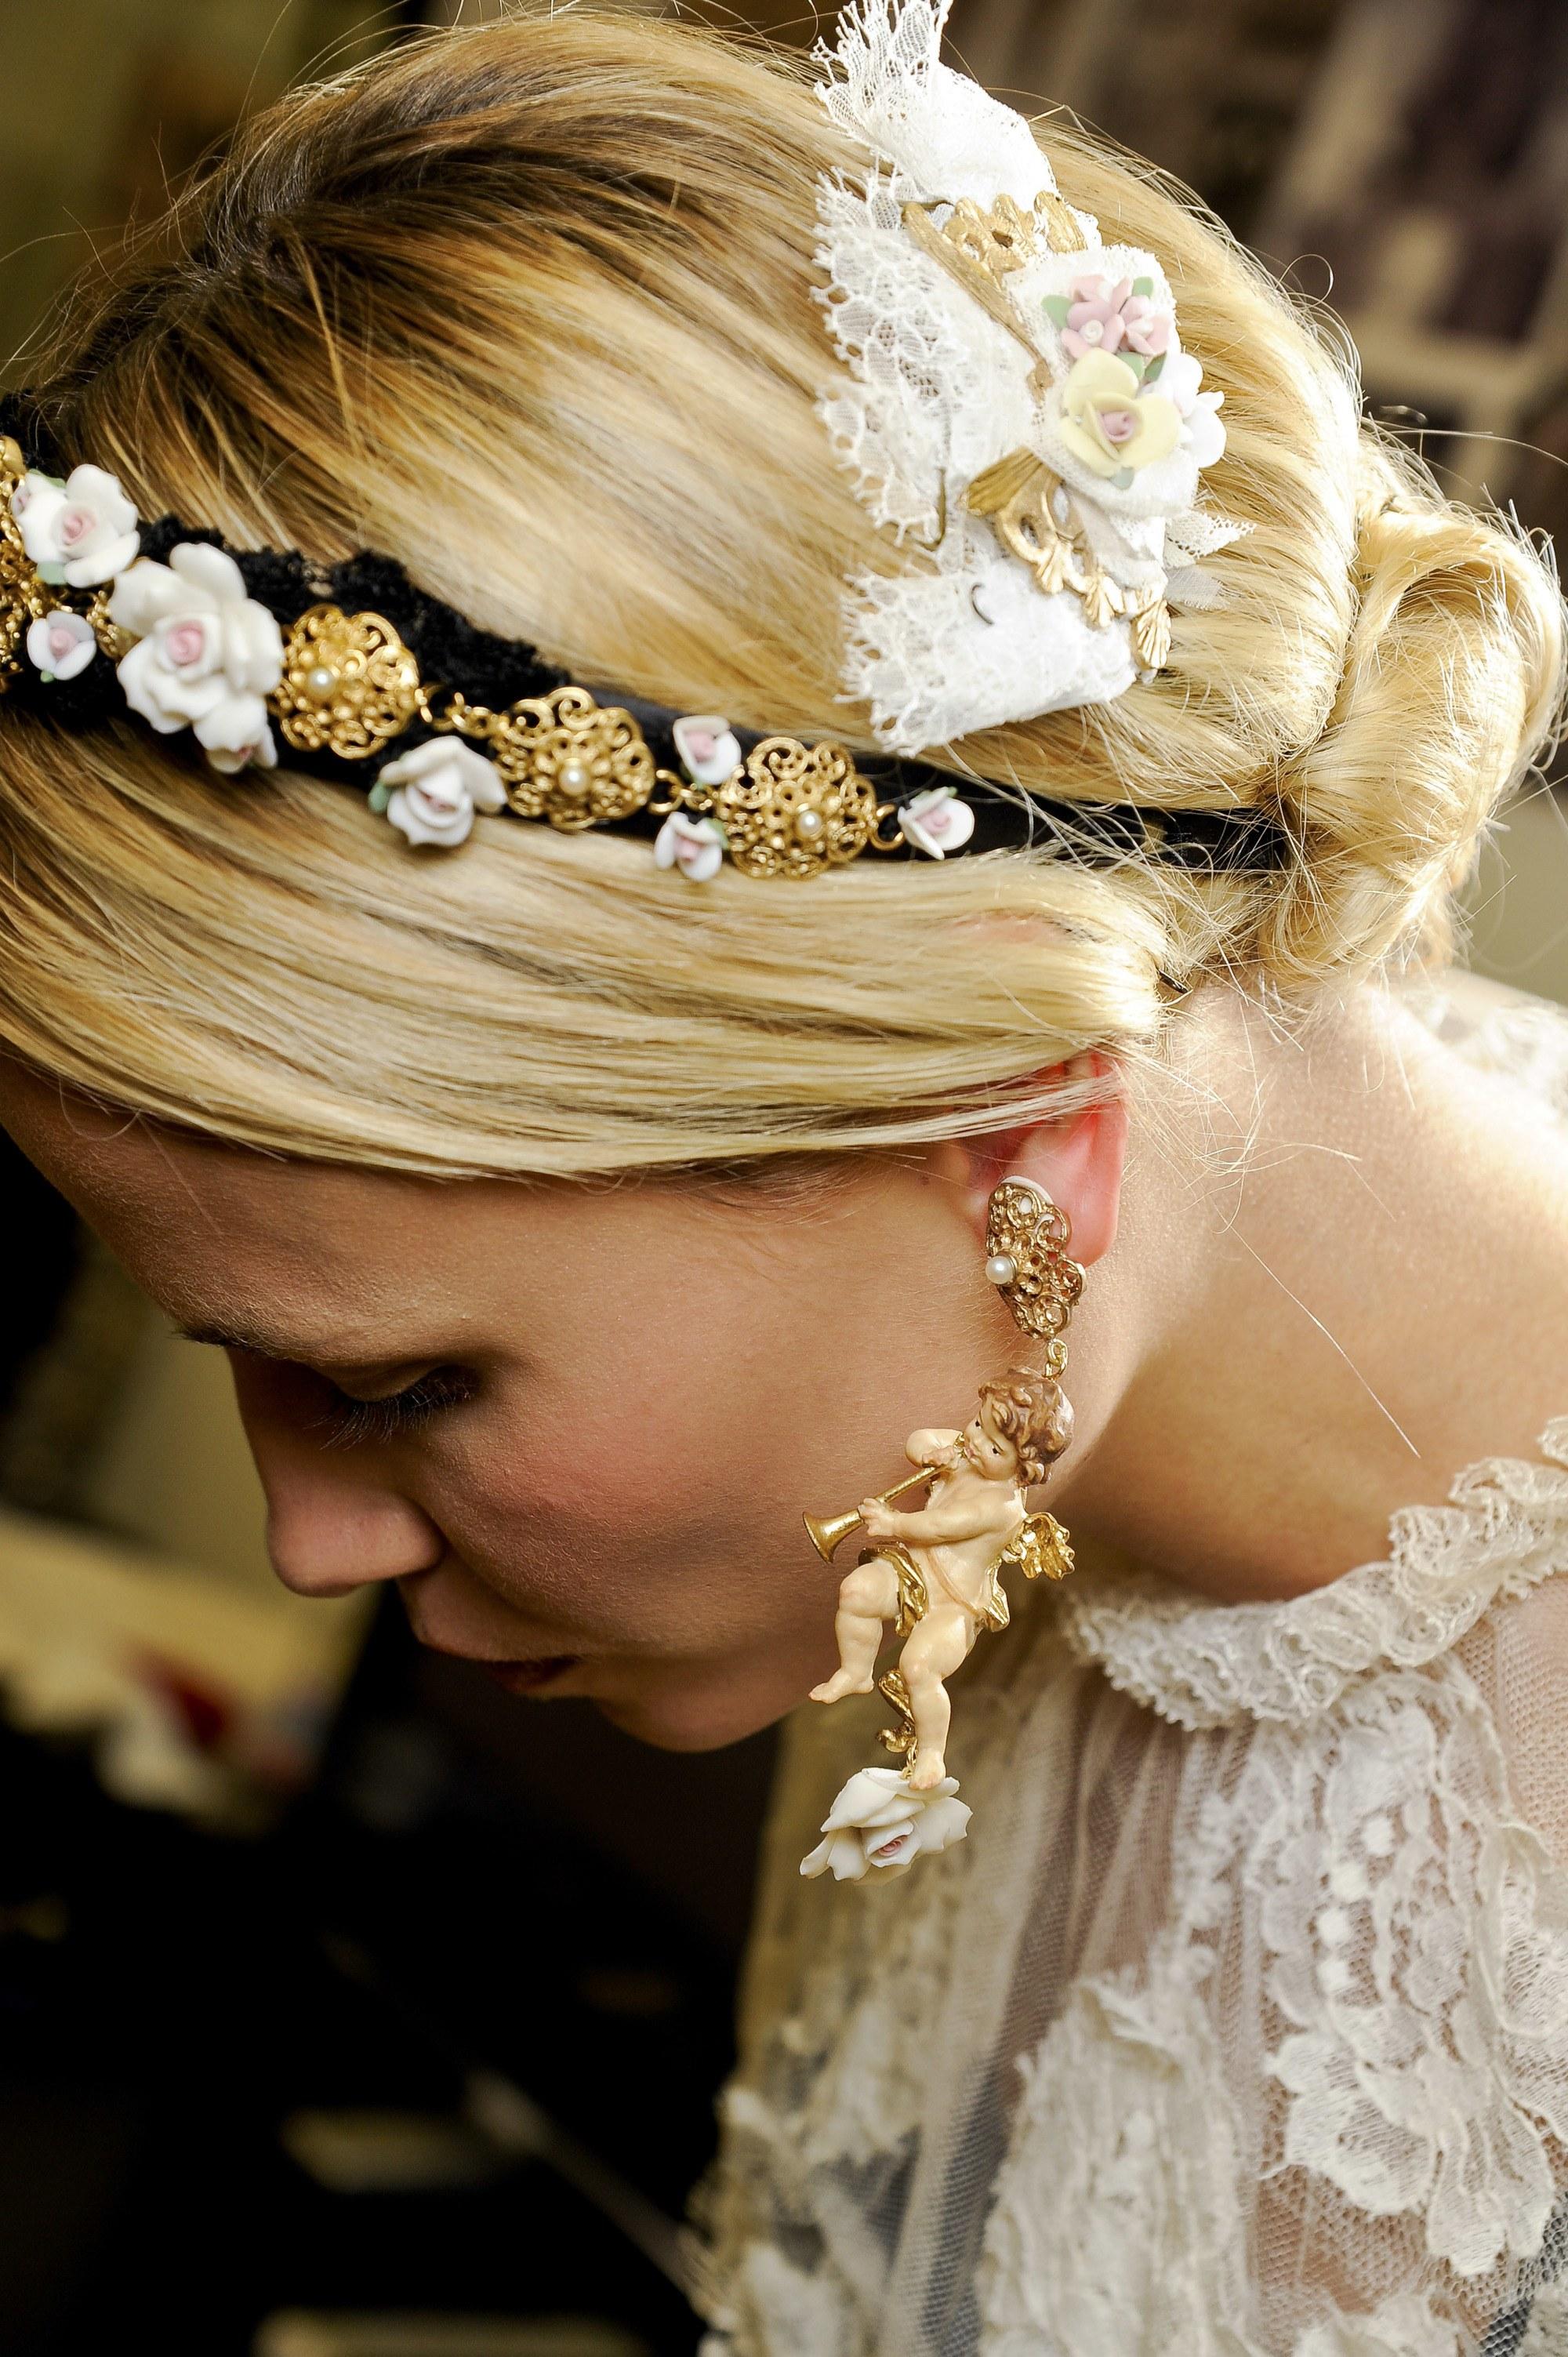 modèle avec une courte coiffure blonde au salon dolce gabbana avec un chignon bas et des accessoires